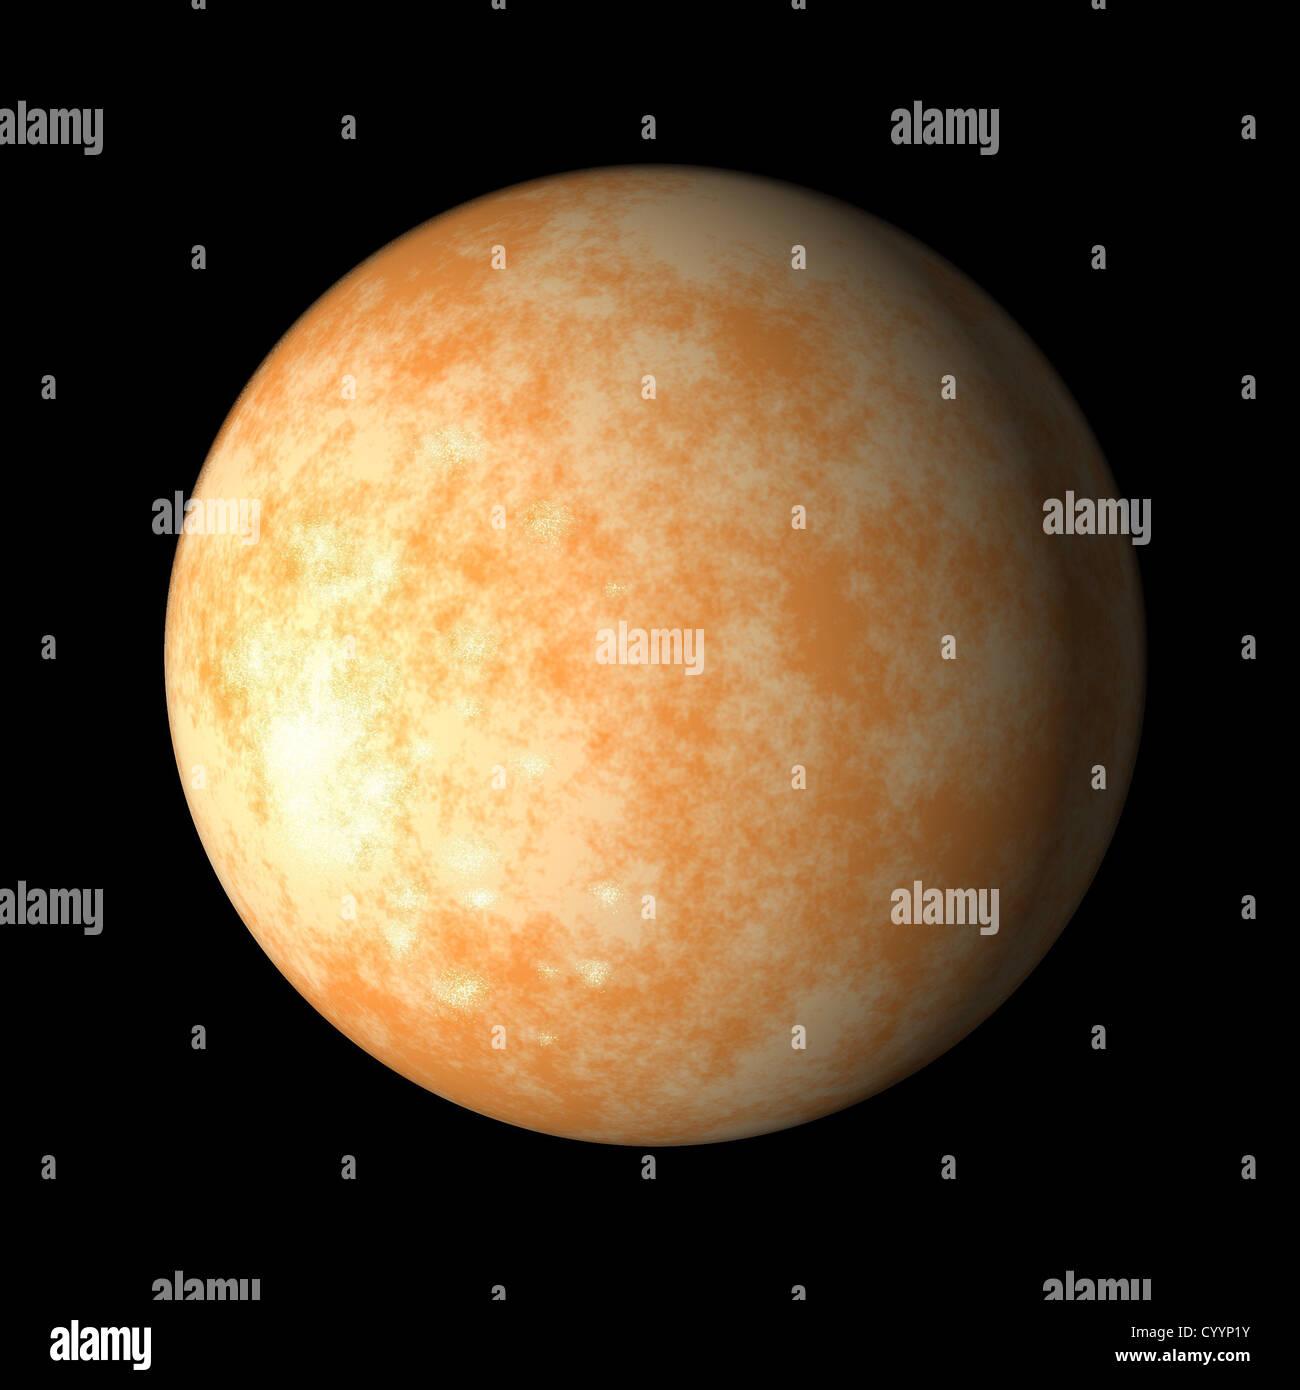 illustration of Jupiter moon europa on isolated background - Stock Image